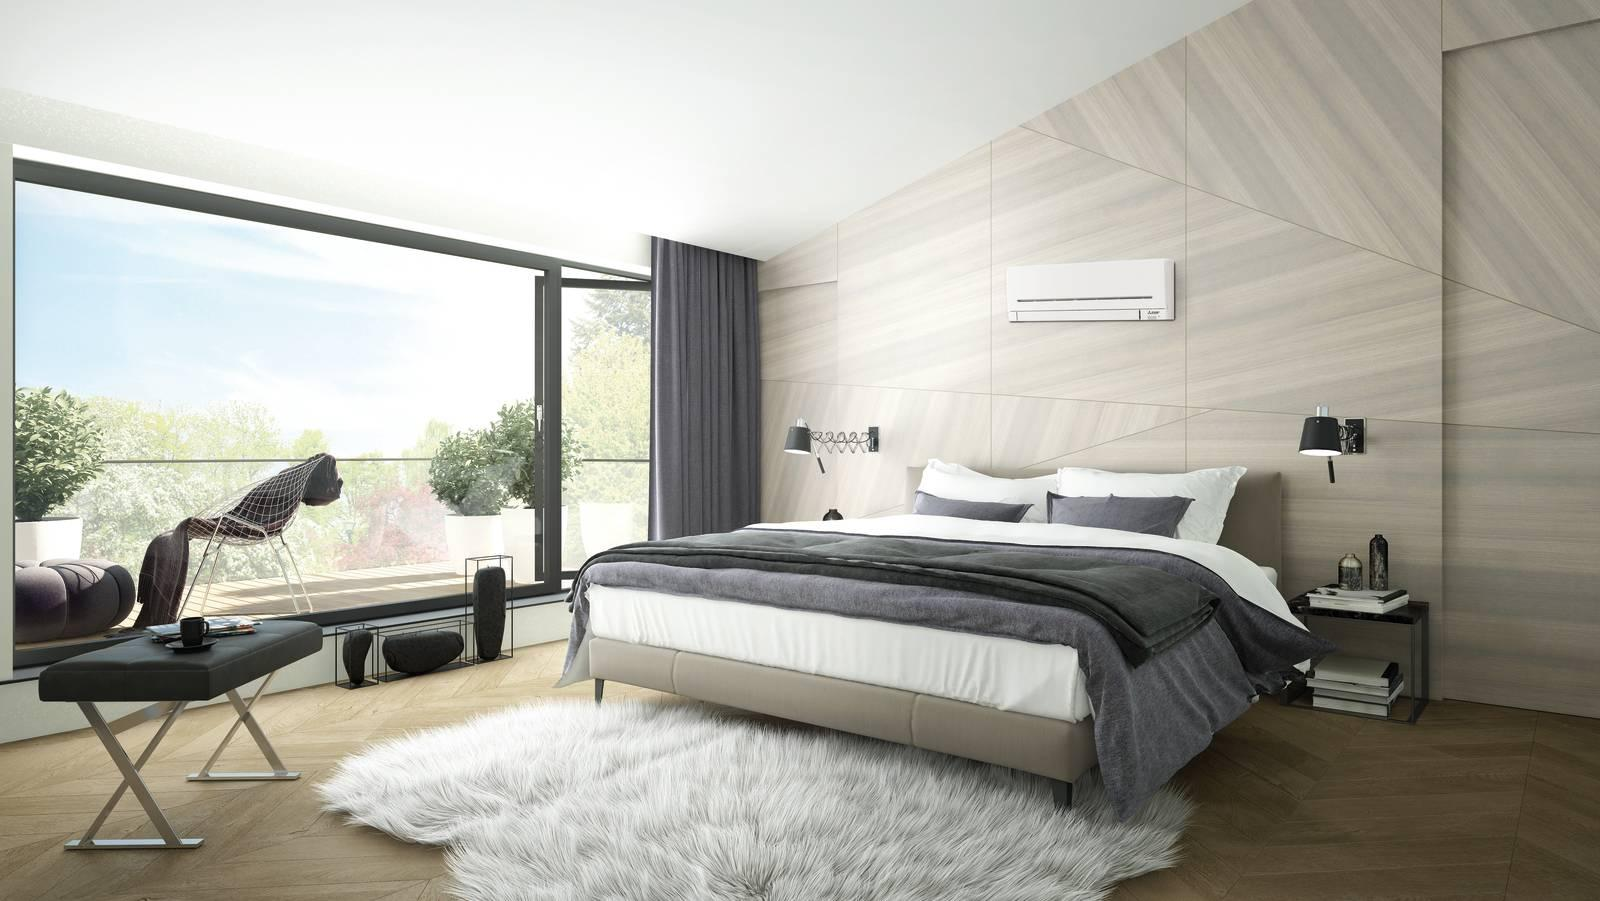 Riscaldare Camera Da Letto scegliere il climatizzatore ideale non è mai stato così facile